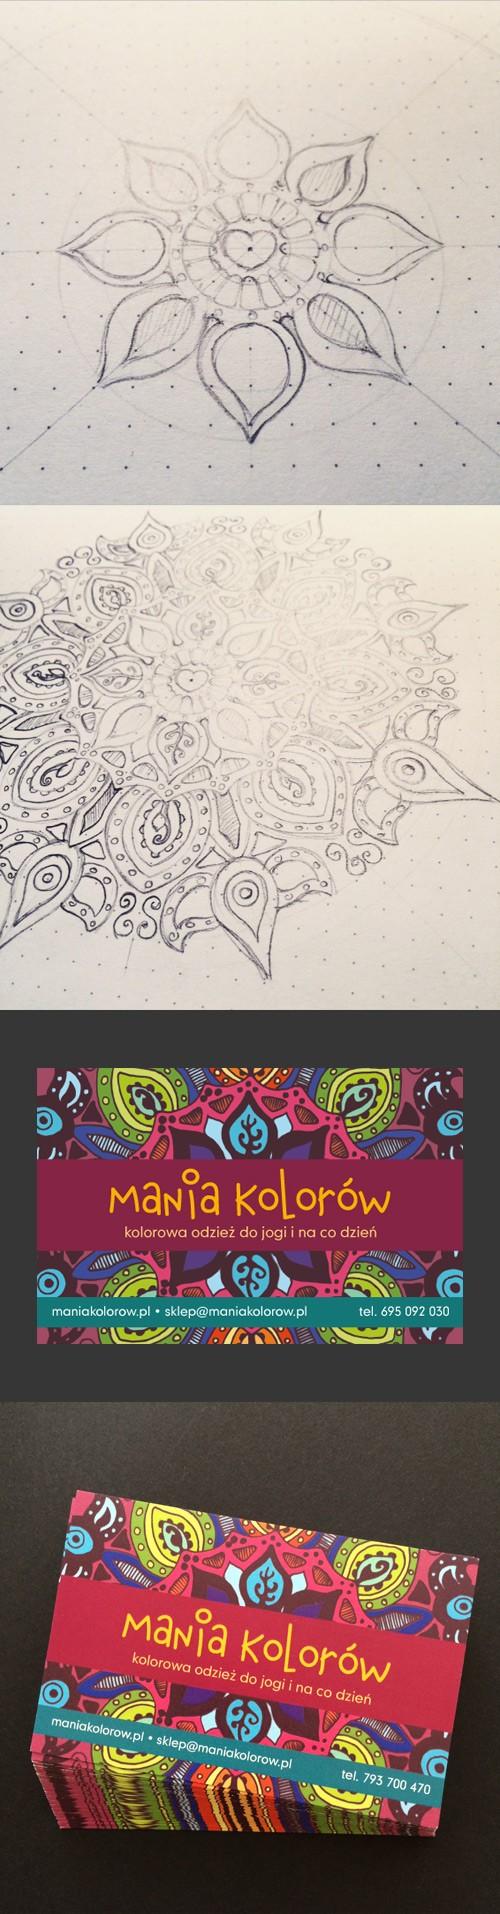 Mania Kolorow